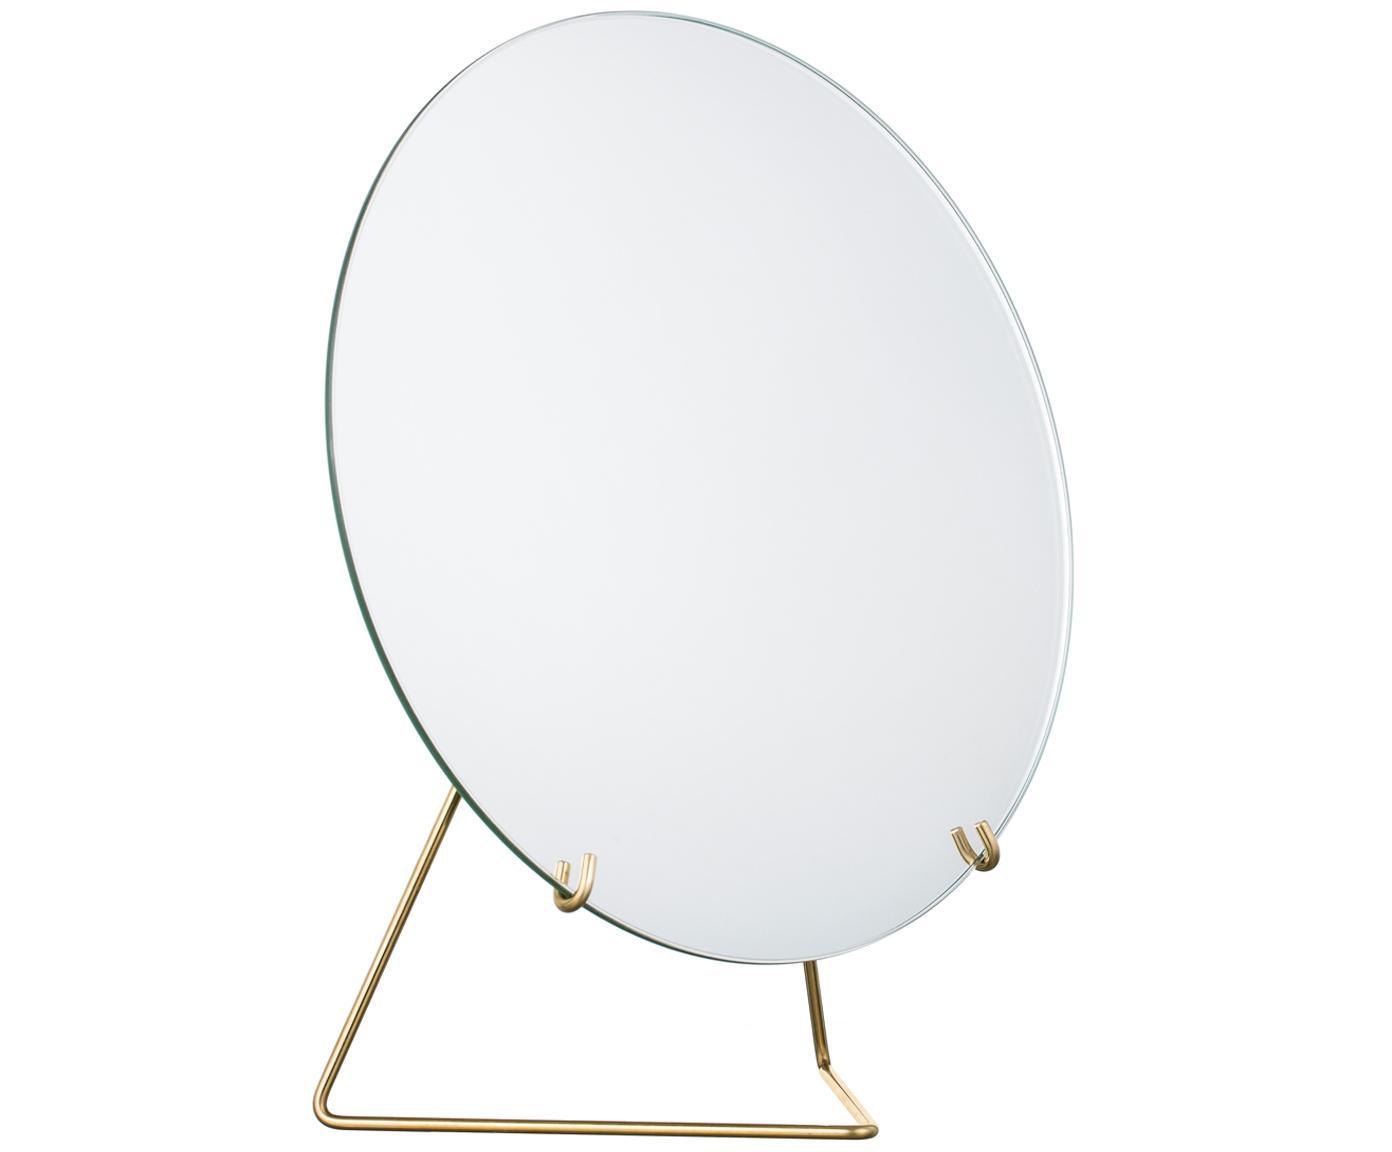 Specchio cosmetico Standing Mirror, Sospensione: ottone Specchio: lastra di vetro, L 20 x A 23 cm